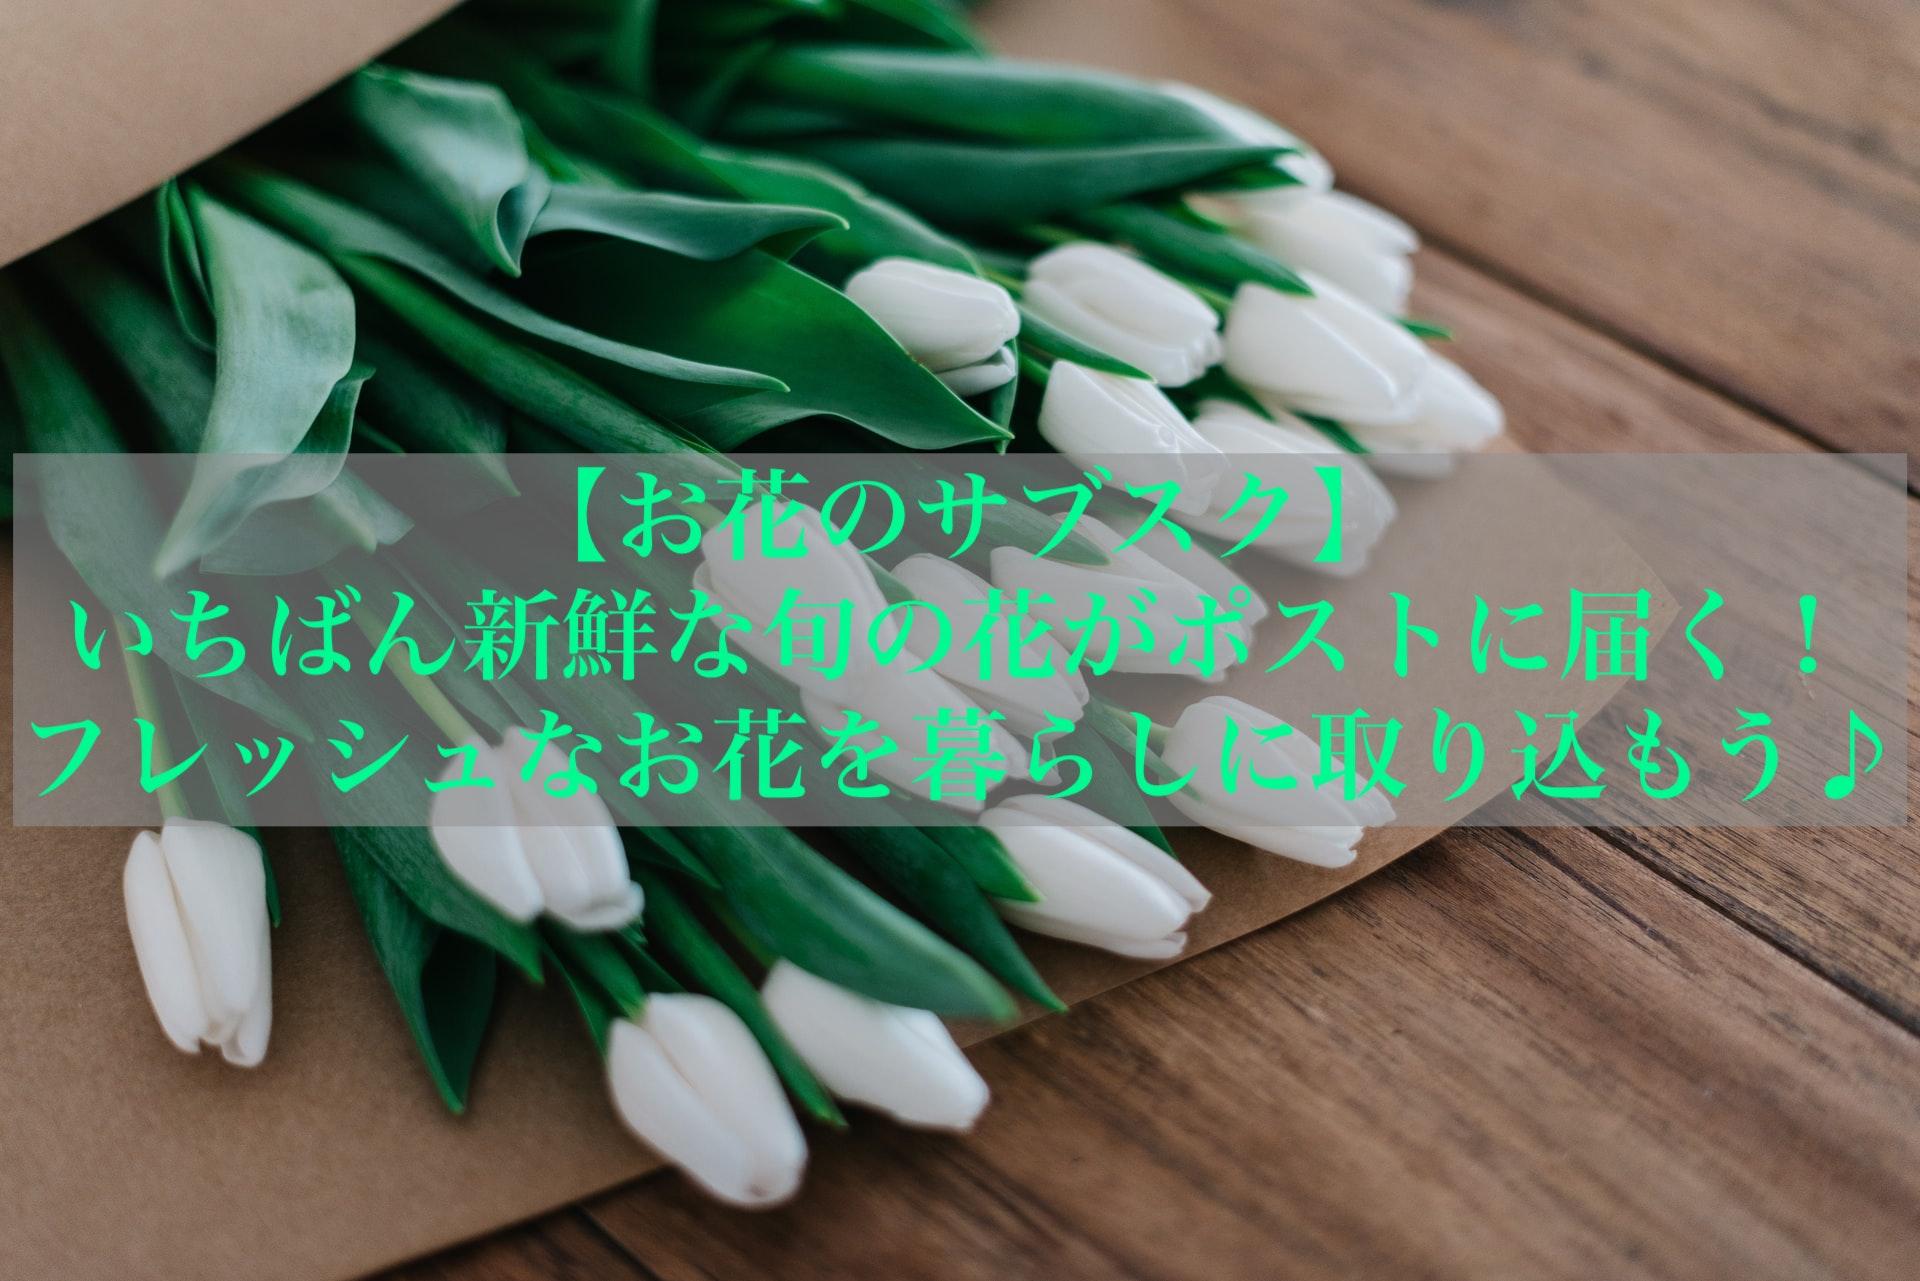 【お花のサブスク】いちばん新鮮な旬の花がポストに届く!フレッシュなお花を暮らしに取り込もう♪